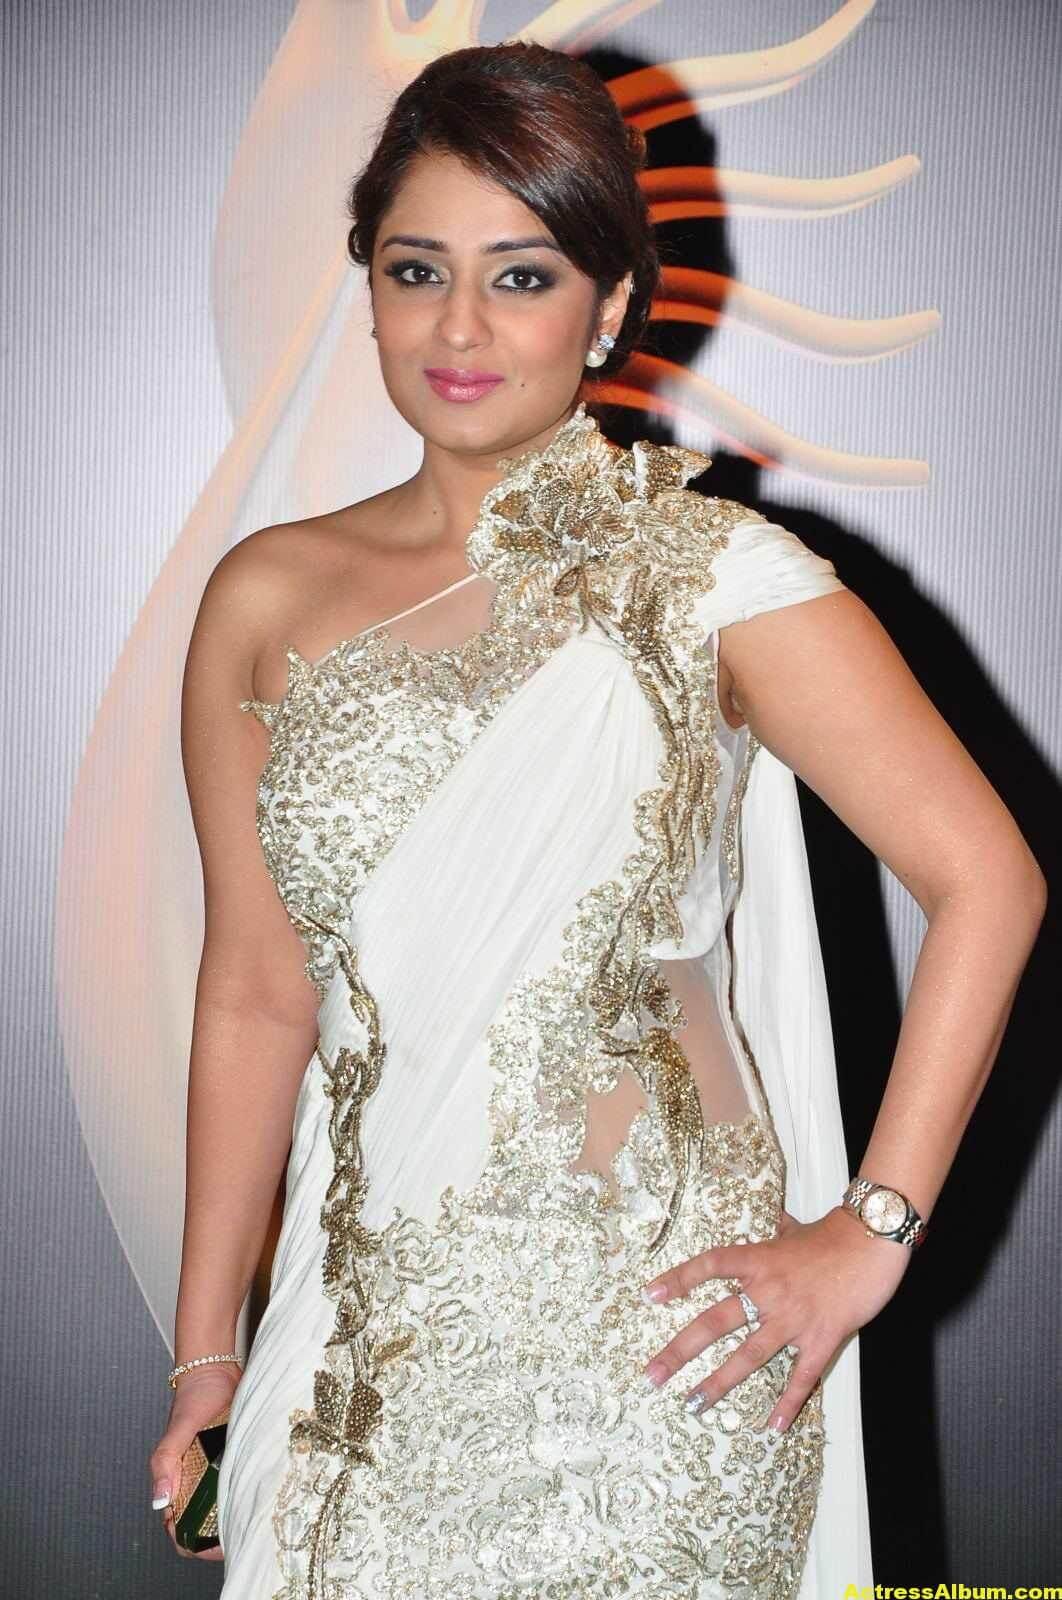 Actress Nikita Thukral Hot Stills At IIFA Utsavam In White Saree 2